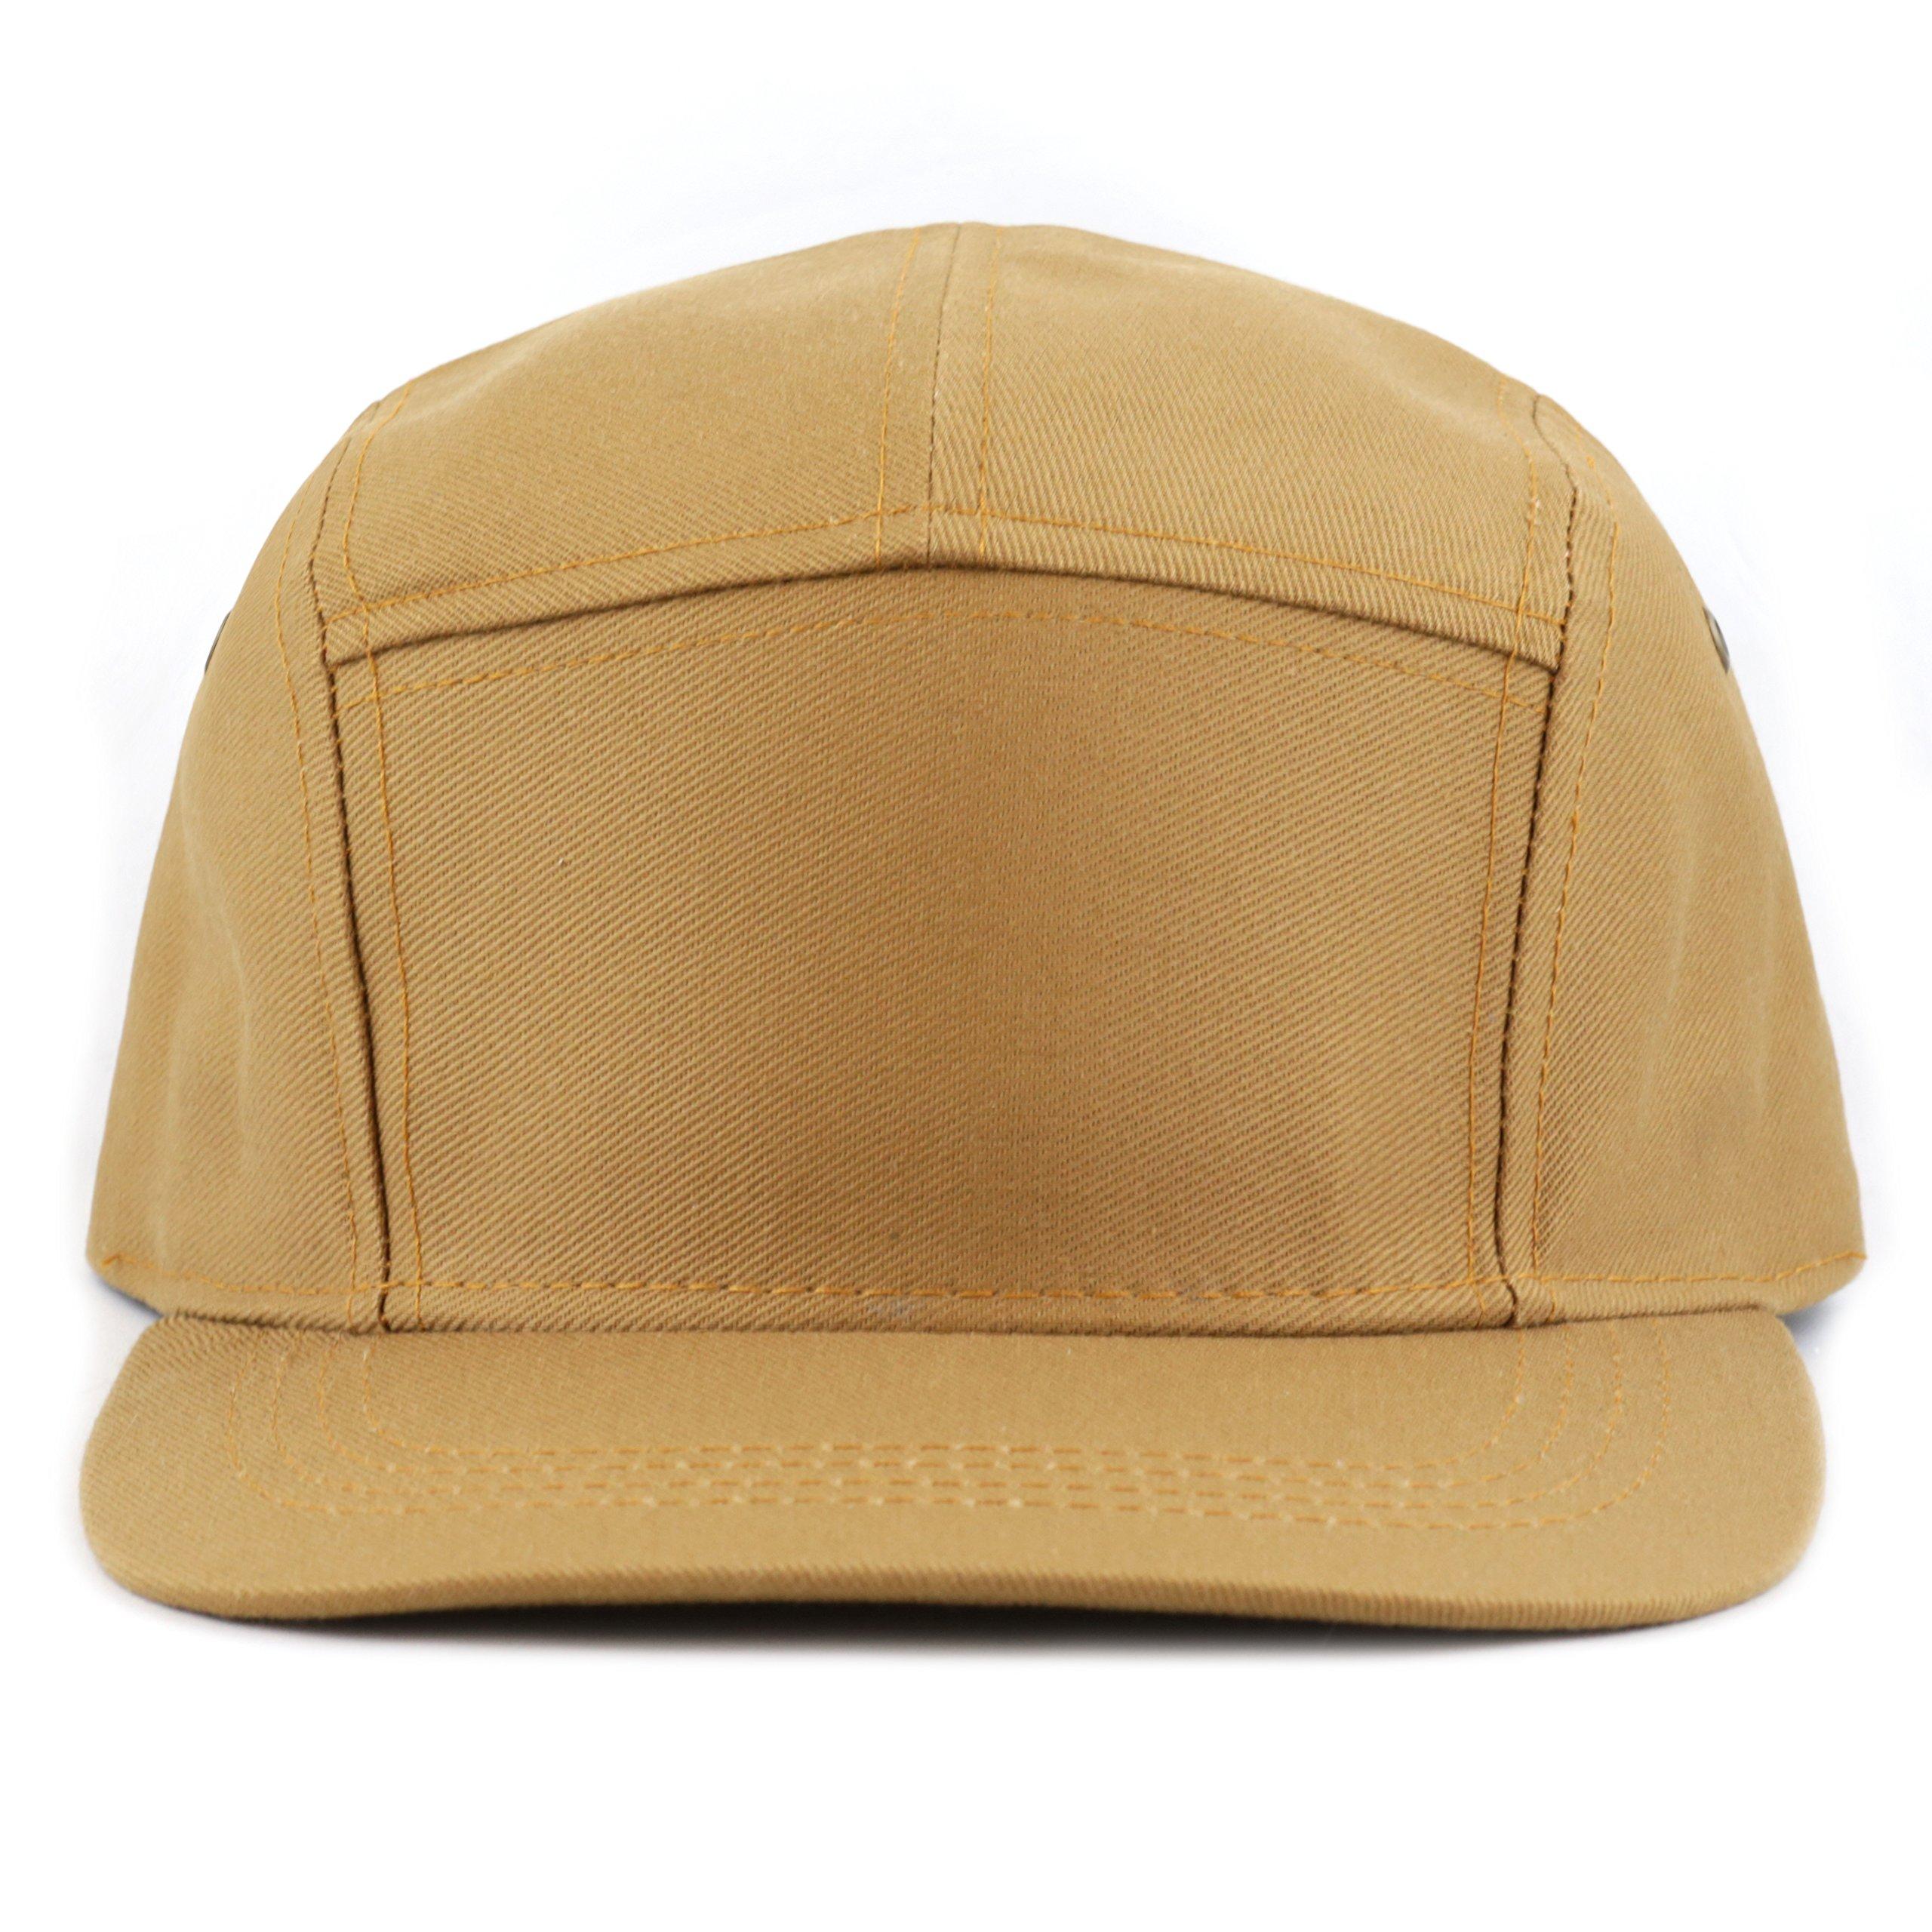 f5710832b1d THE HAT DEPOT Cotton Twill 5 Panel Flat Brim Genuine Leather Brass Biker  Board Cap